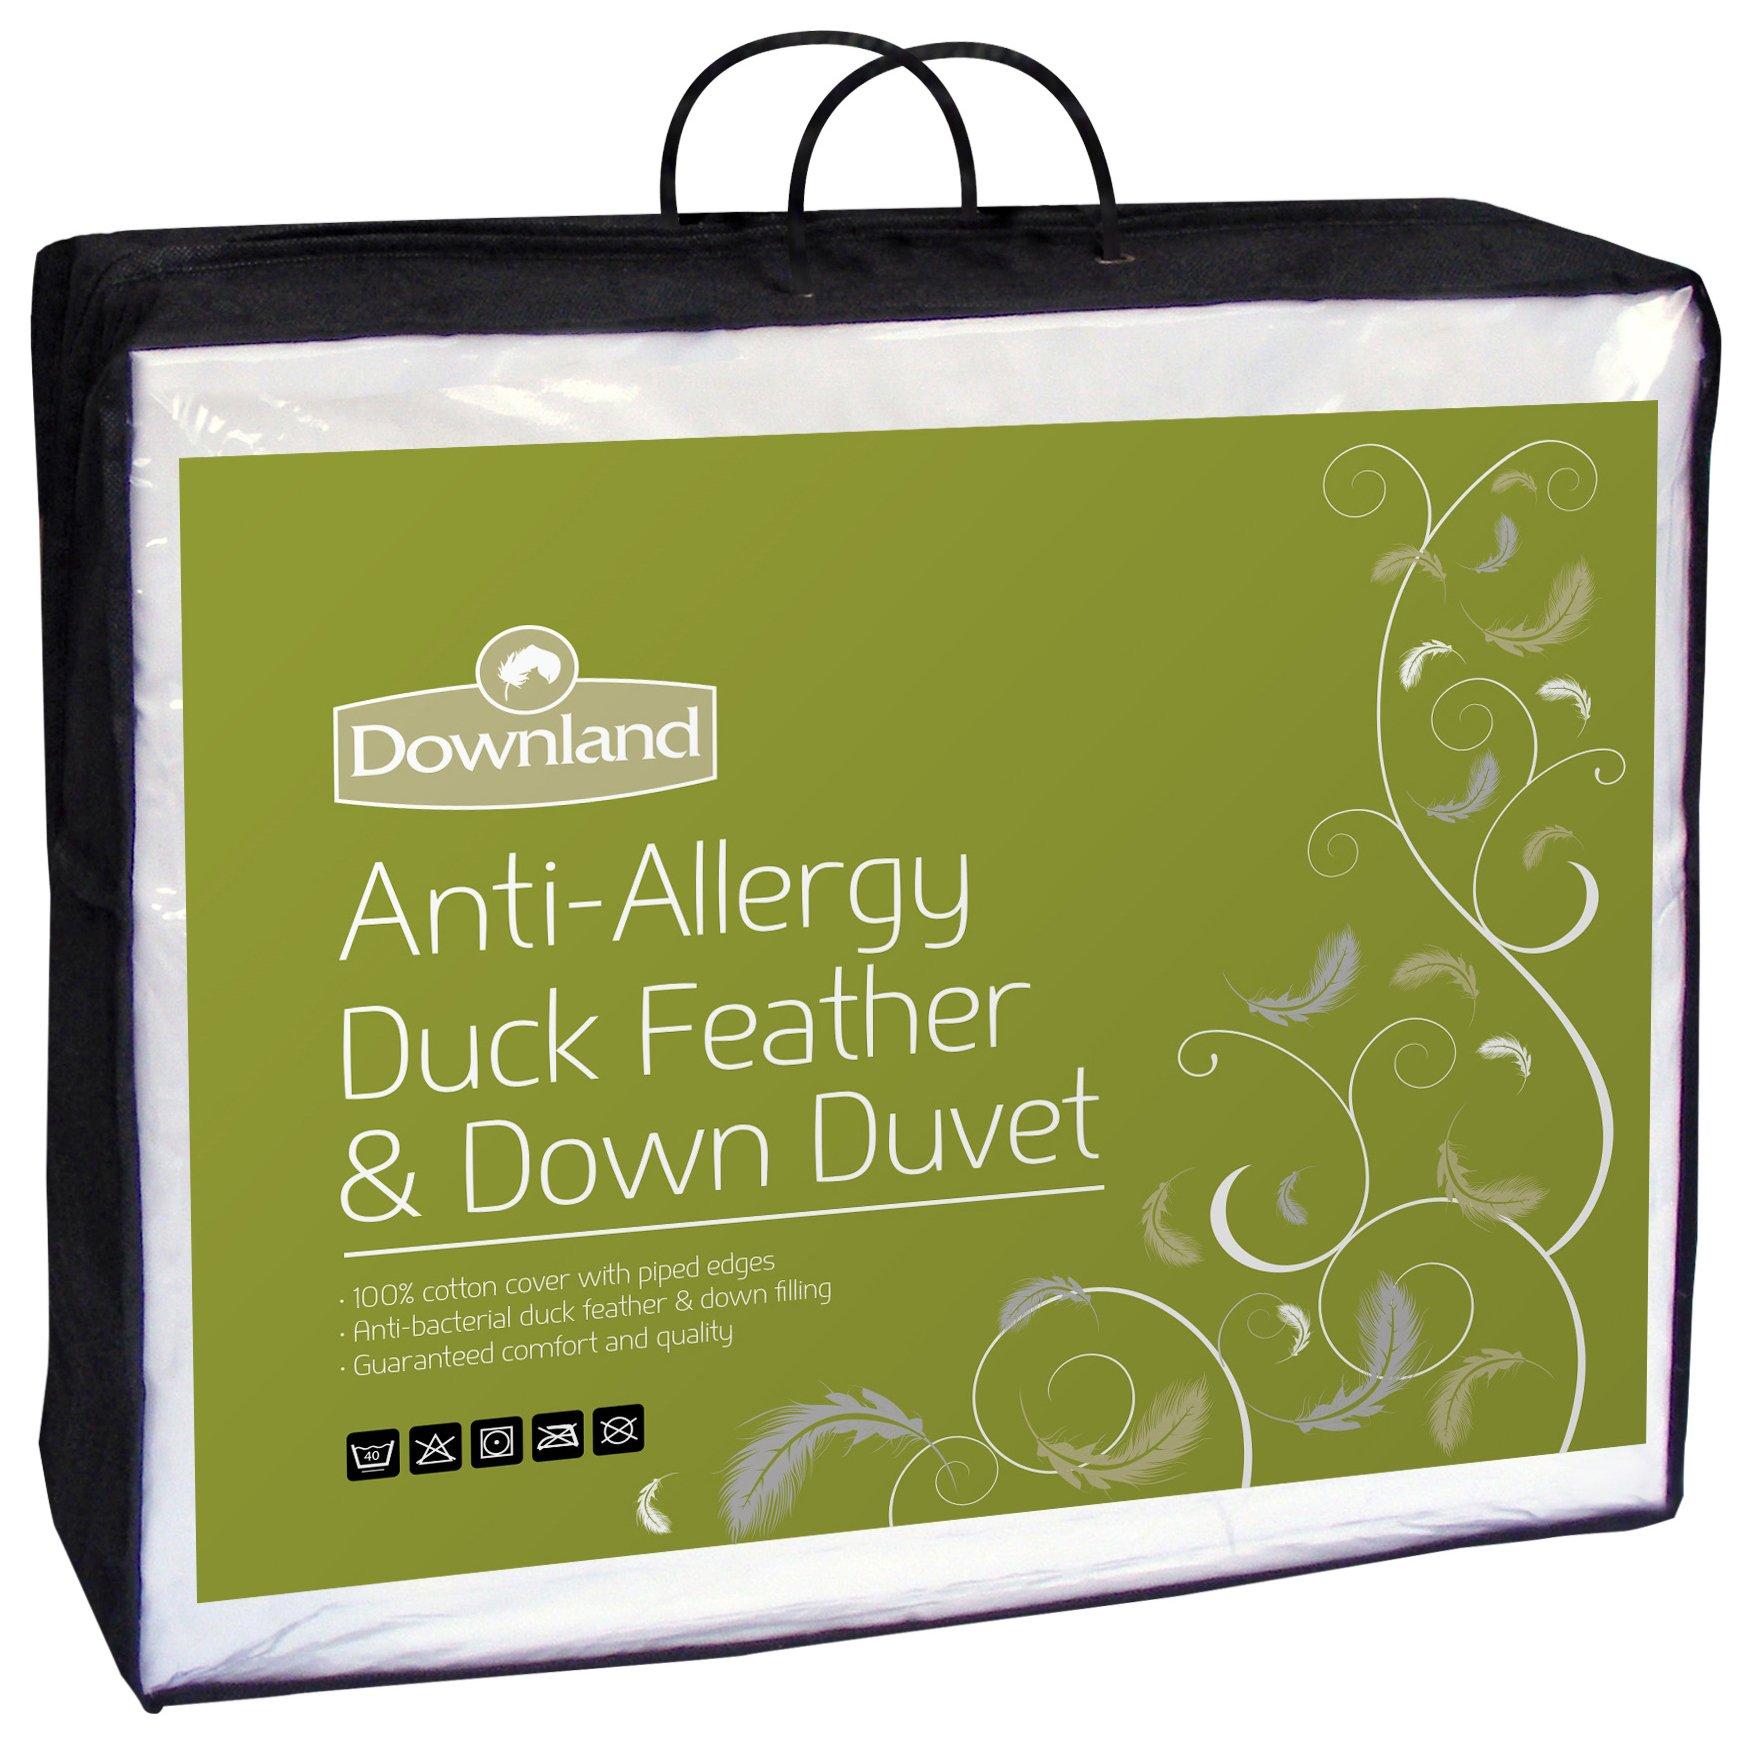 Downland Duck Feather & Down Anti-Allergy 15 Tog Duvet - Dbl